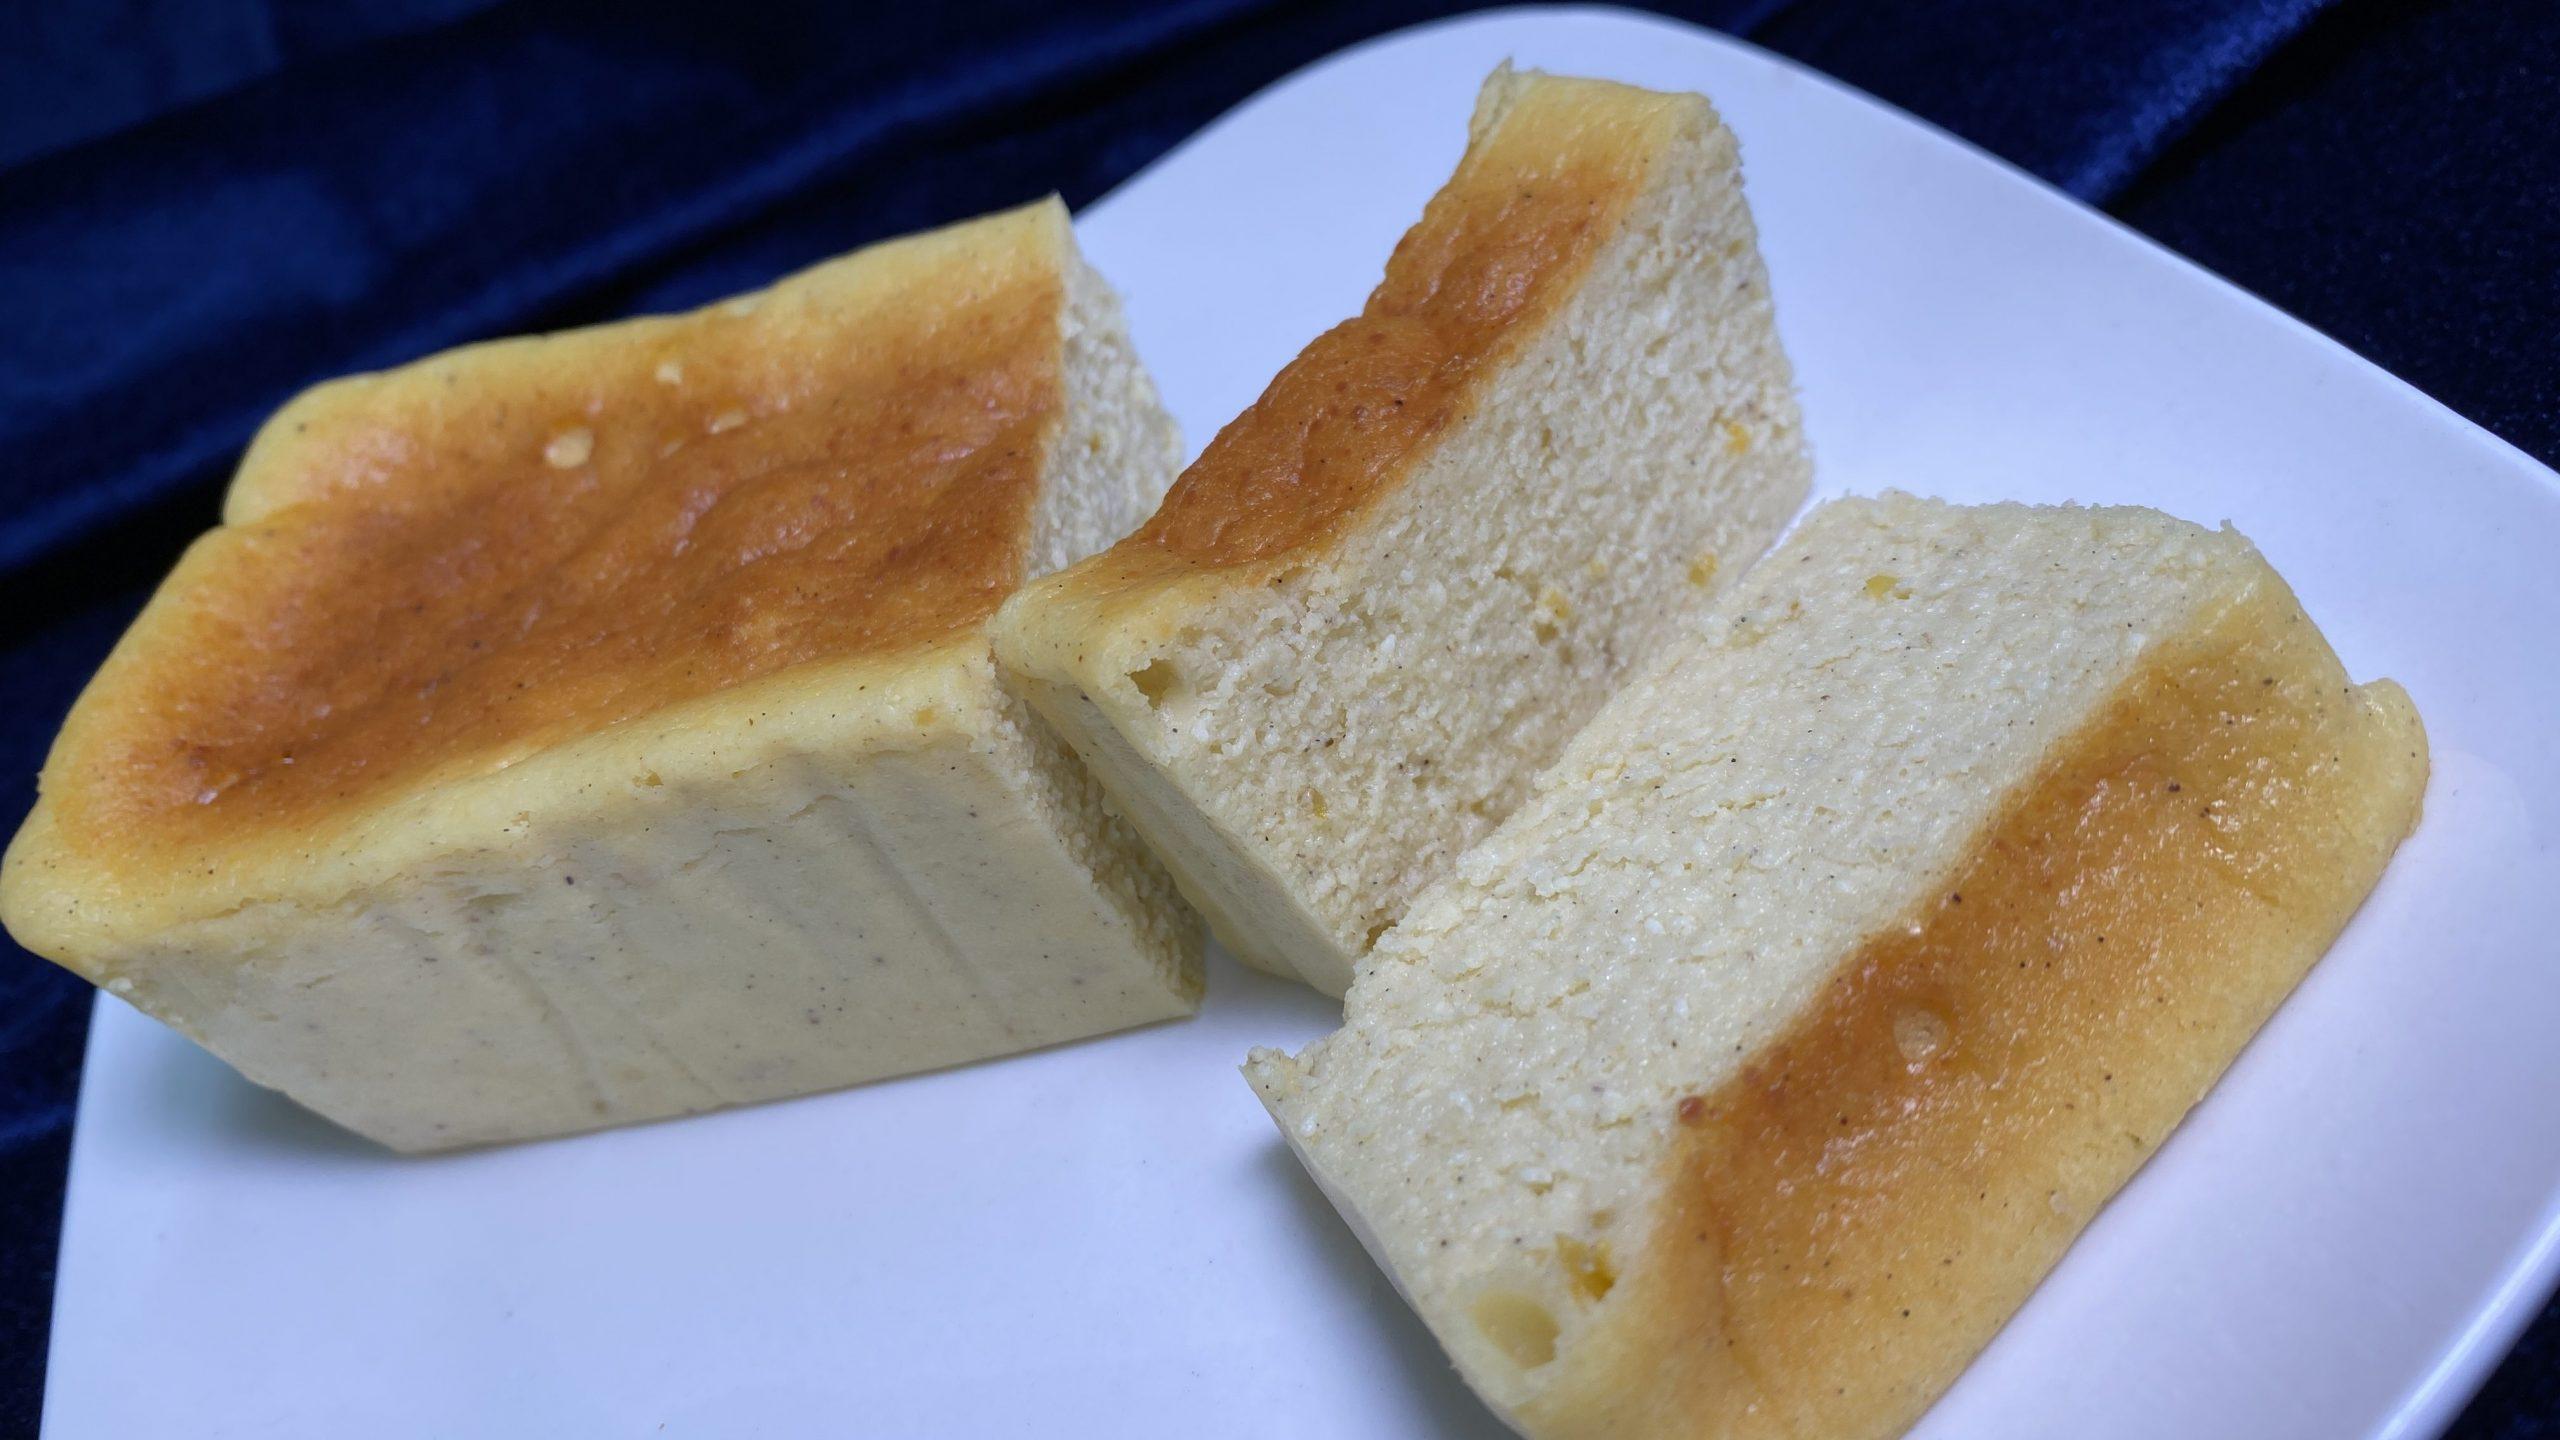 香り豊かな農産物の端材を使ったチーズケーキ  Hazico